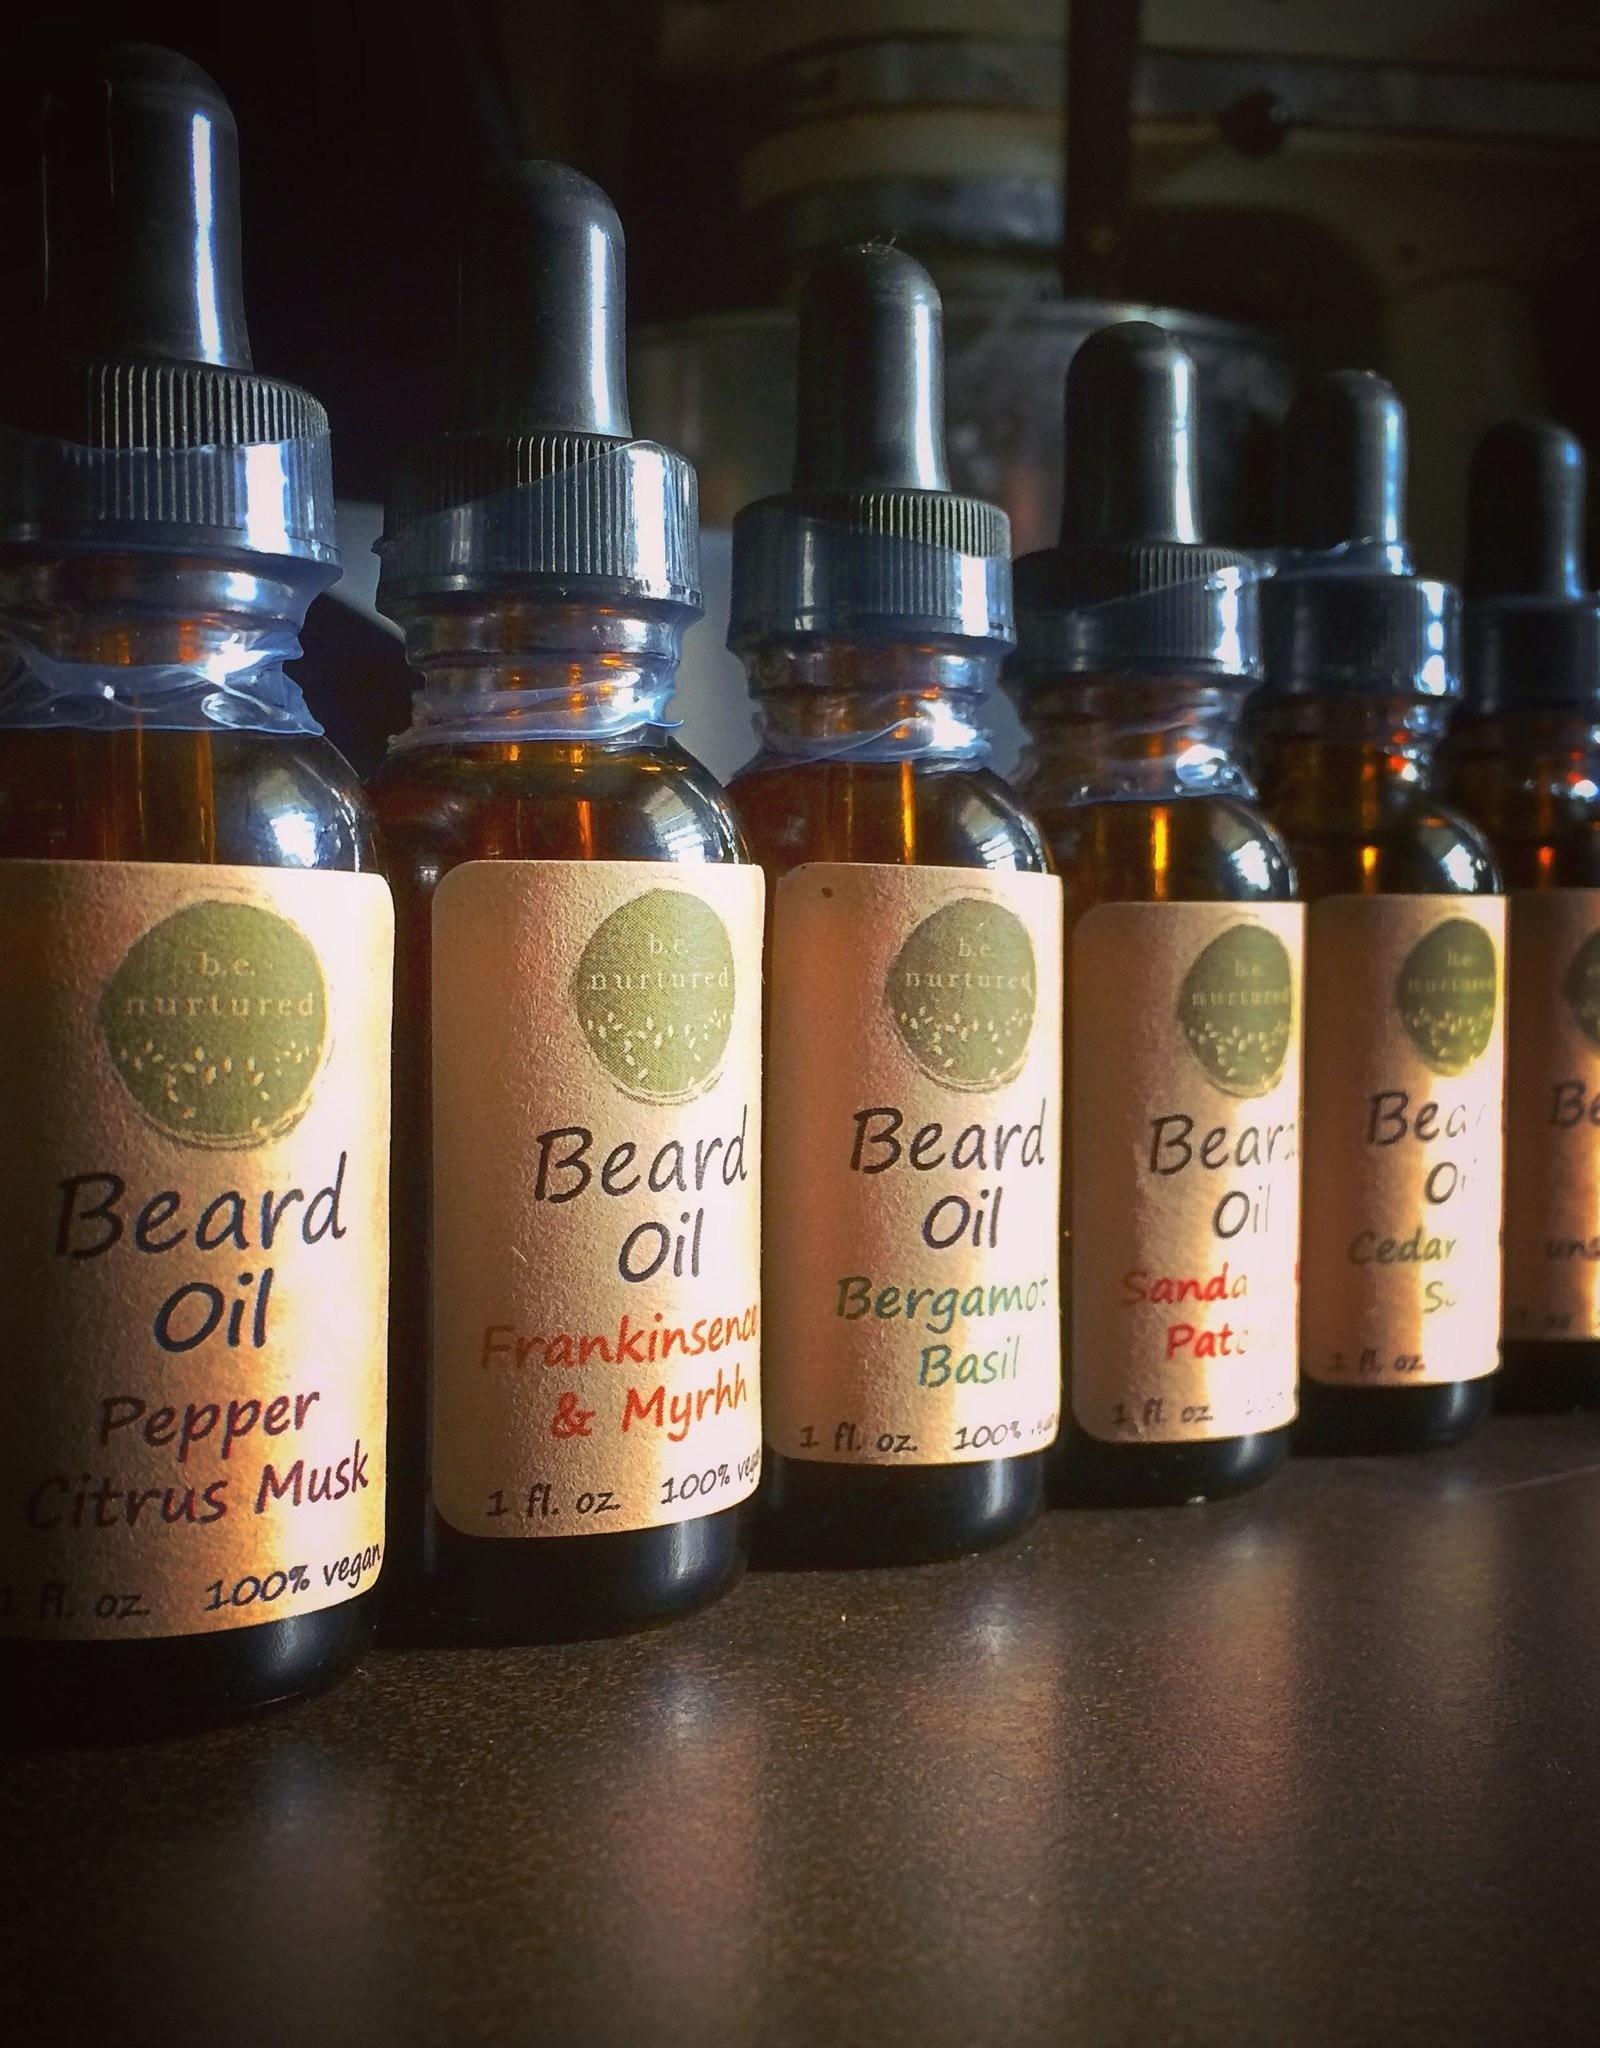 b.e. nurtured Beard Oils by b.e. nurtured